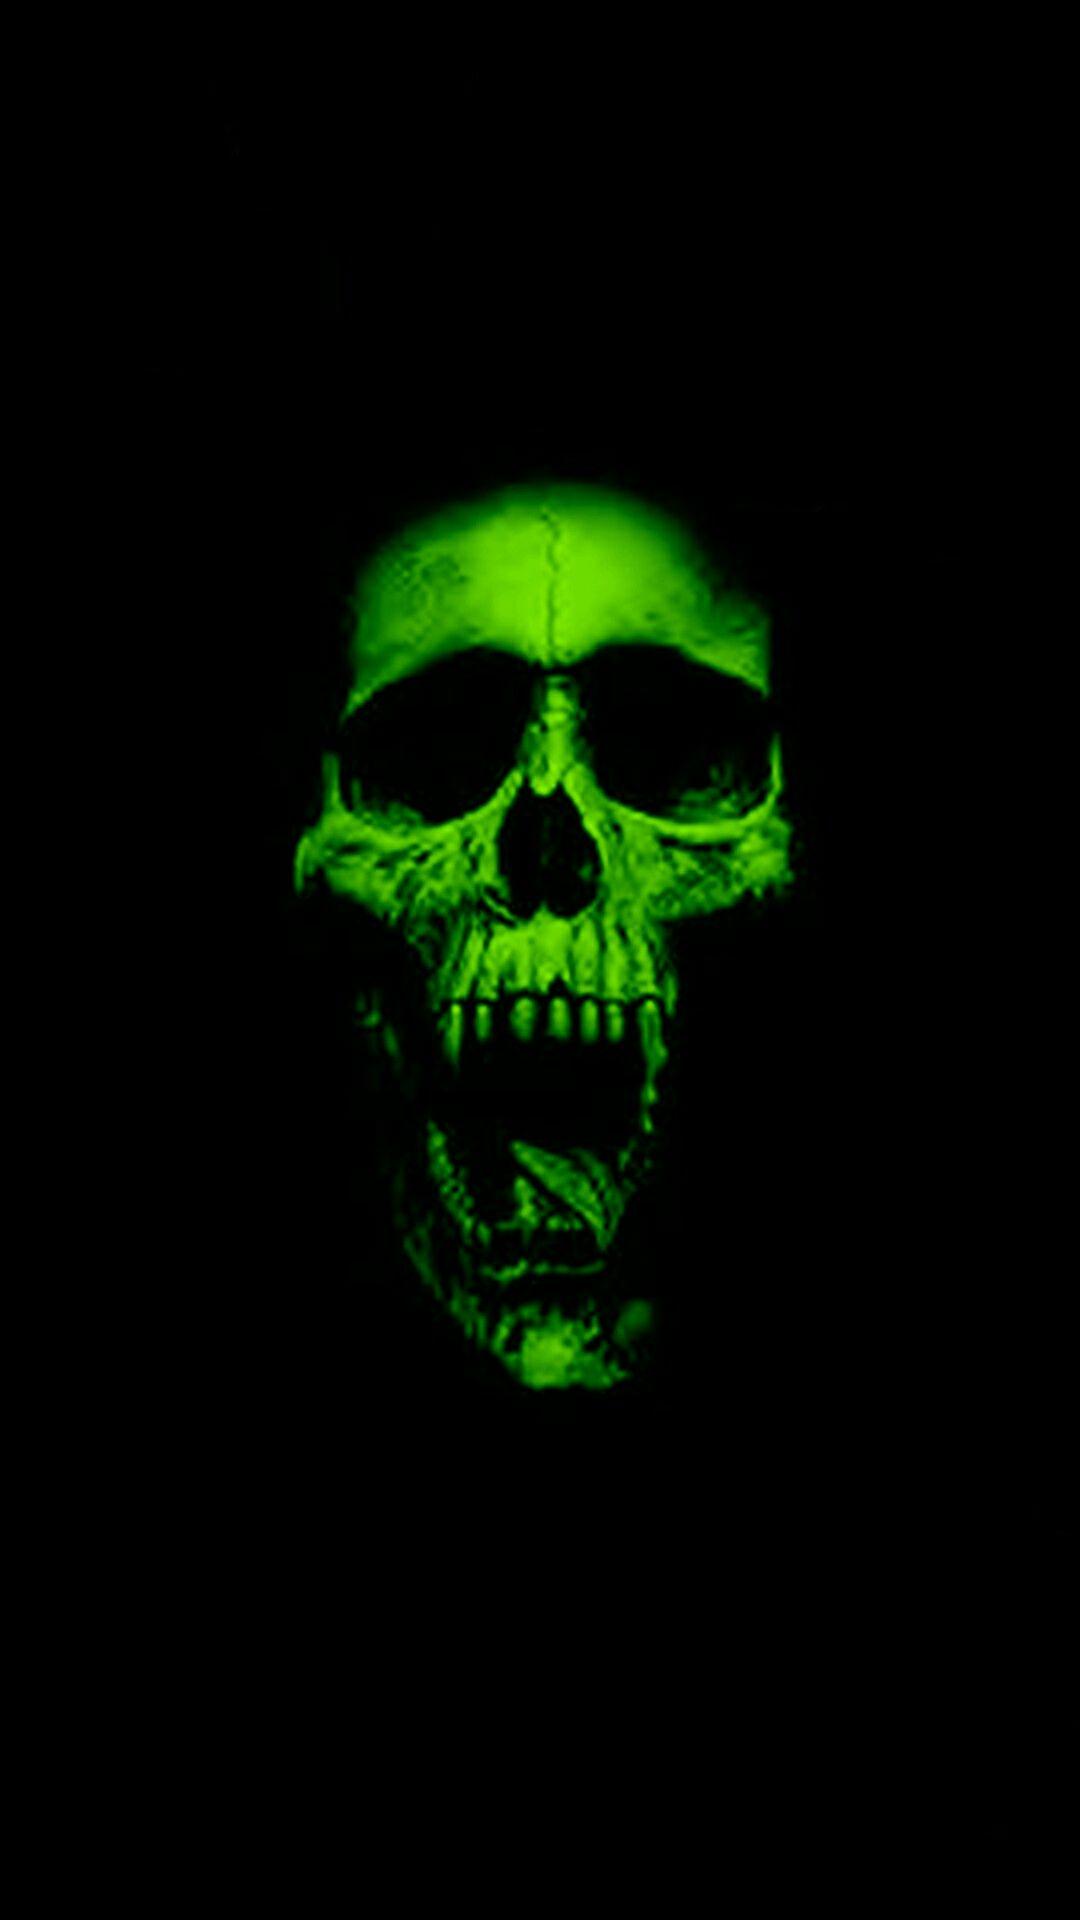 Pin By Todd Starnes On Eyes Skull Wallpaper Skull Artwork Hd Skull Wallpapers